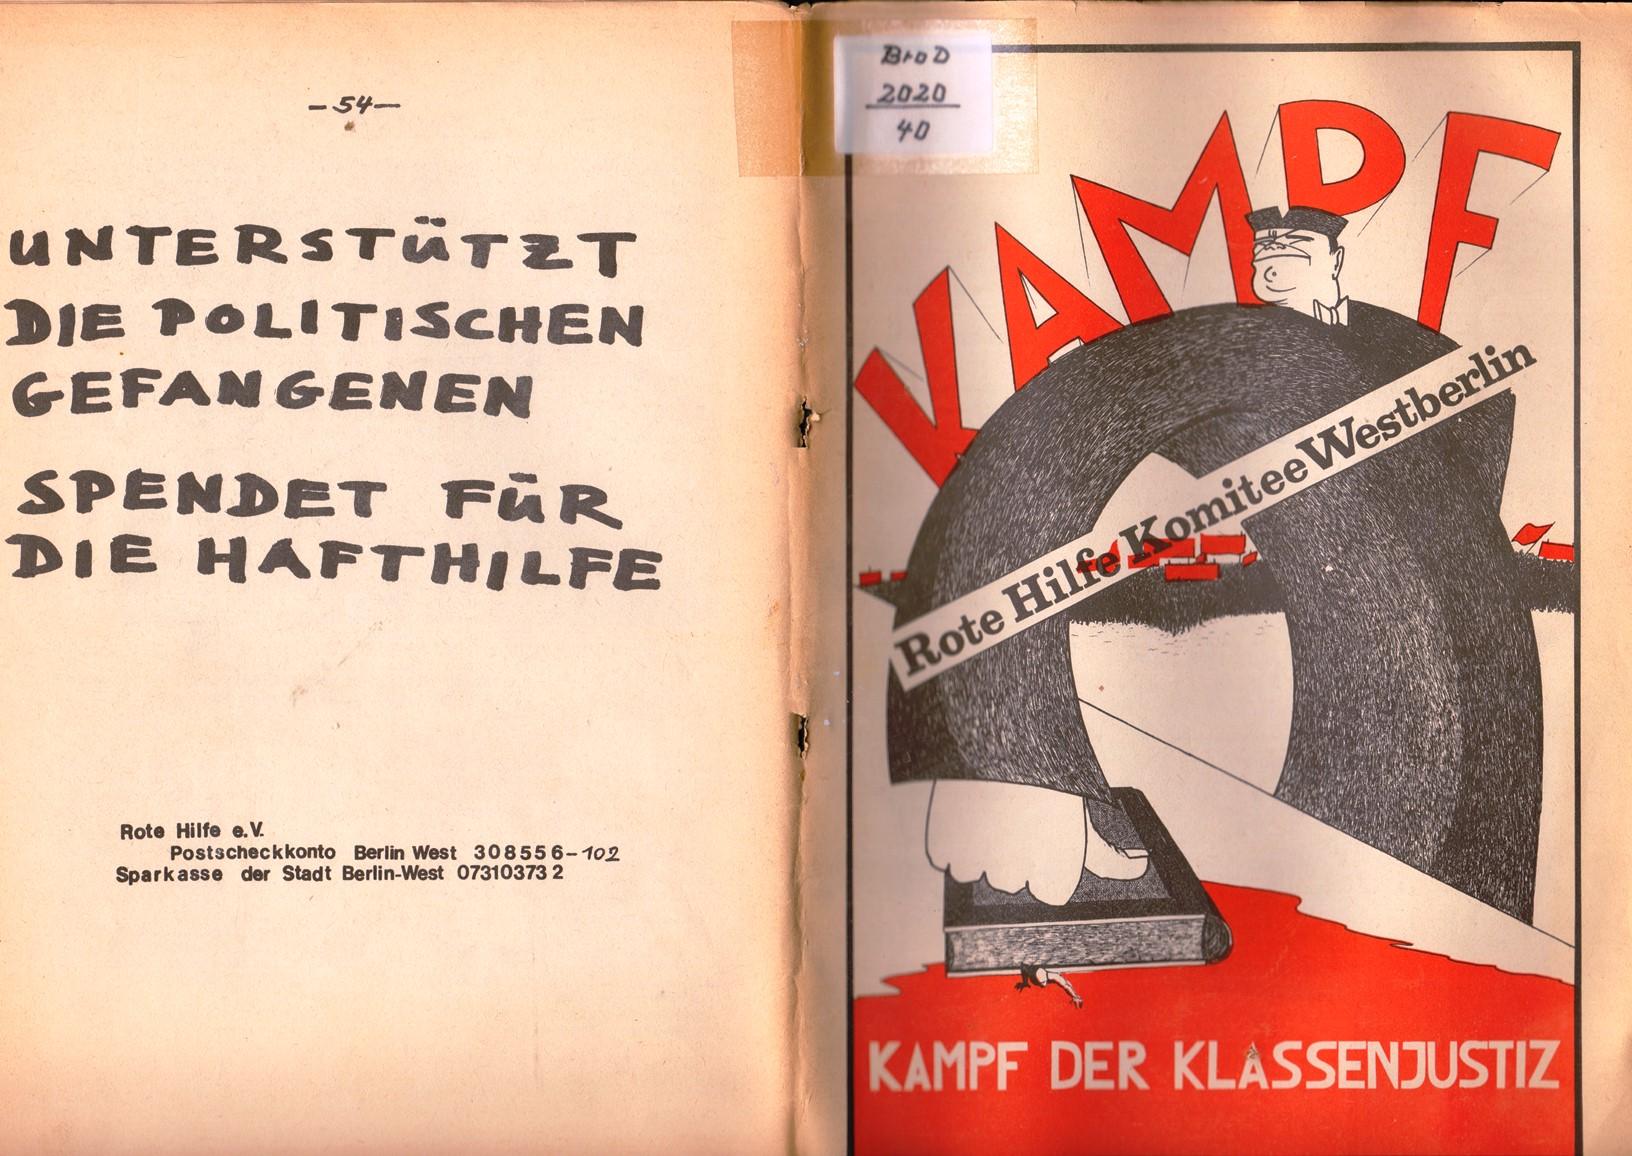 Berlin_RH_1973_zu_Horst_Mahler_01